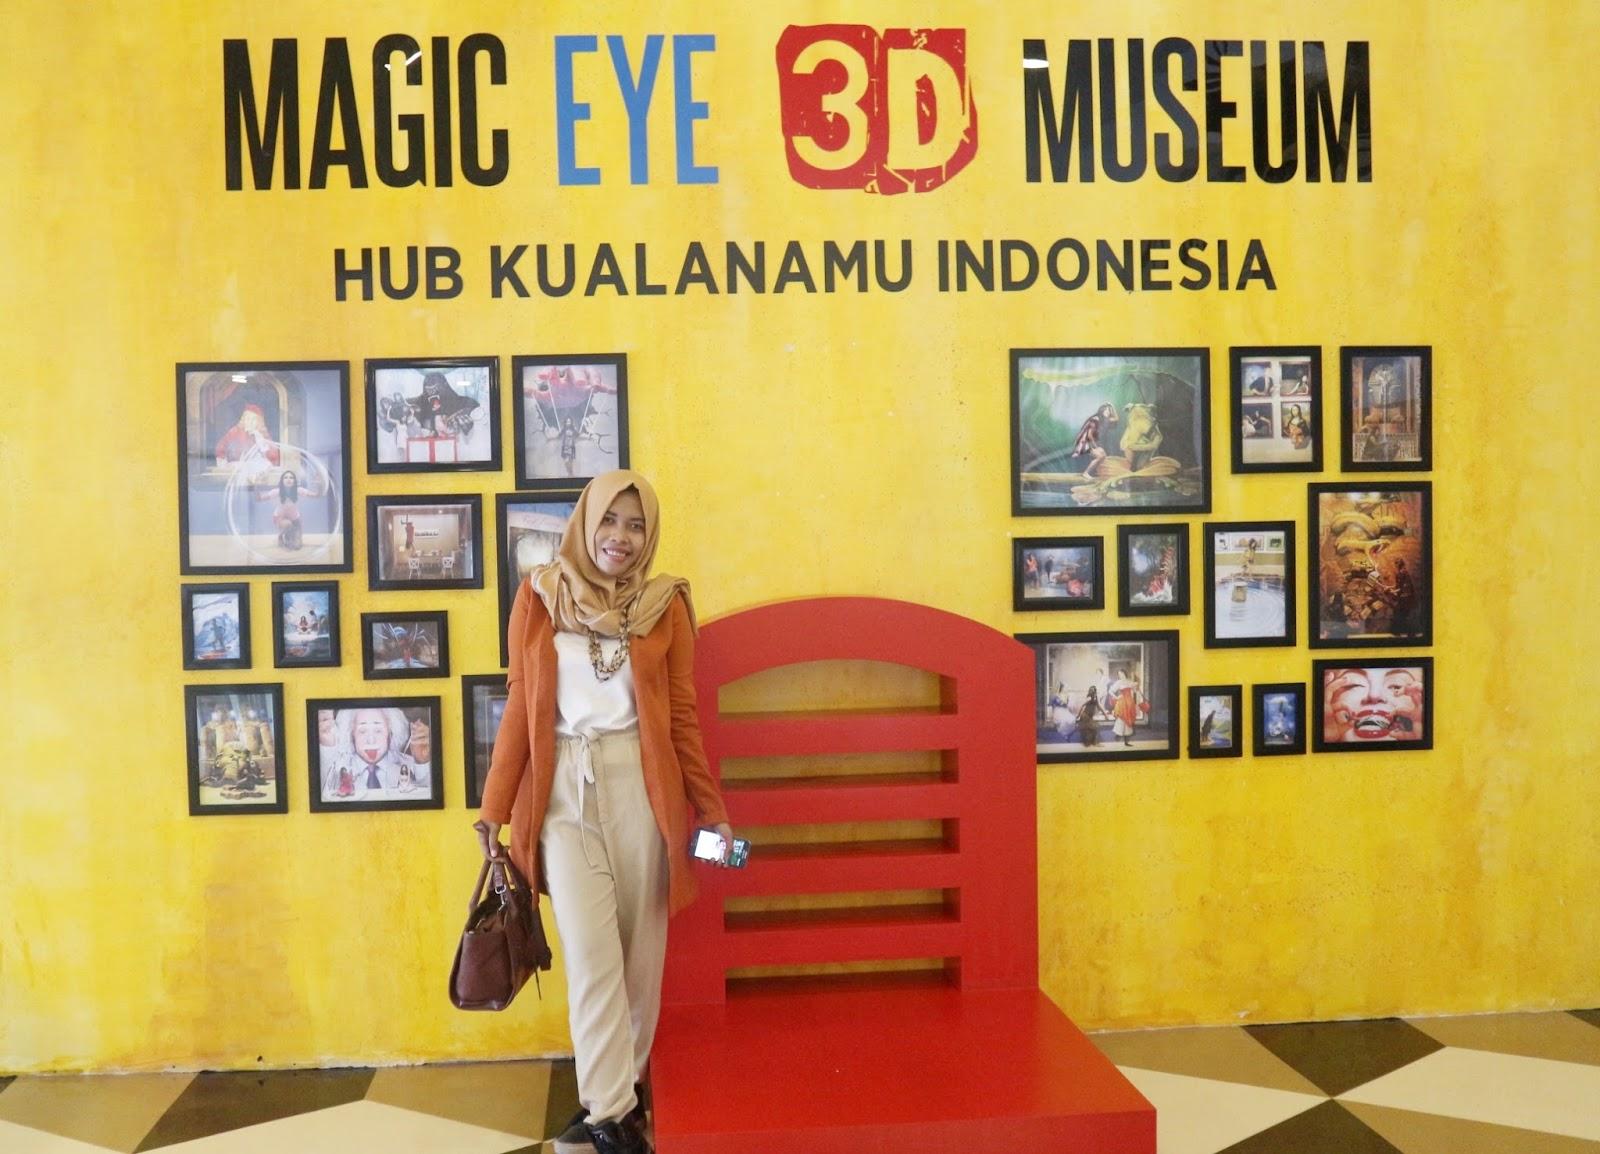 Menikmati Wisata Seni 3d Art Magic Eye Museum Kawasan Bandara